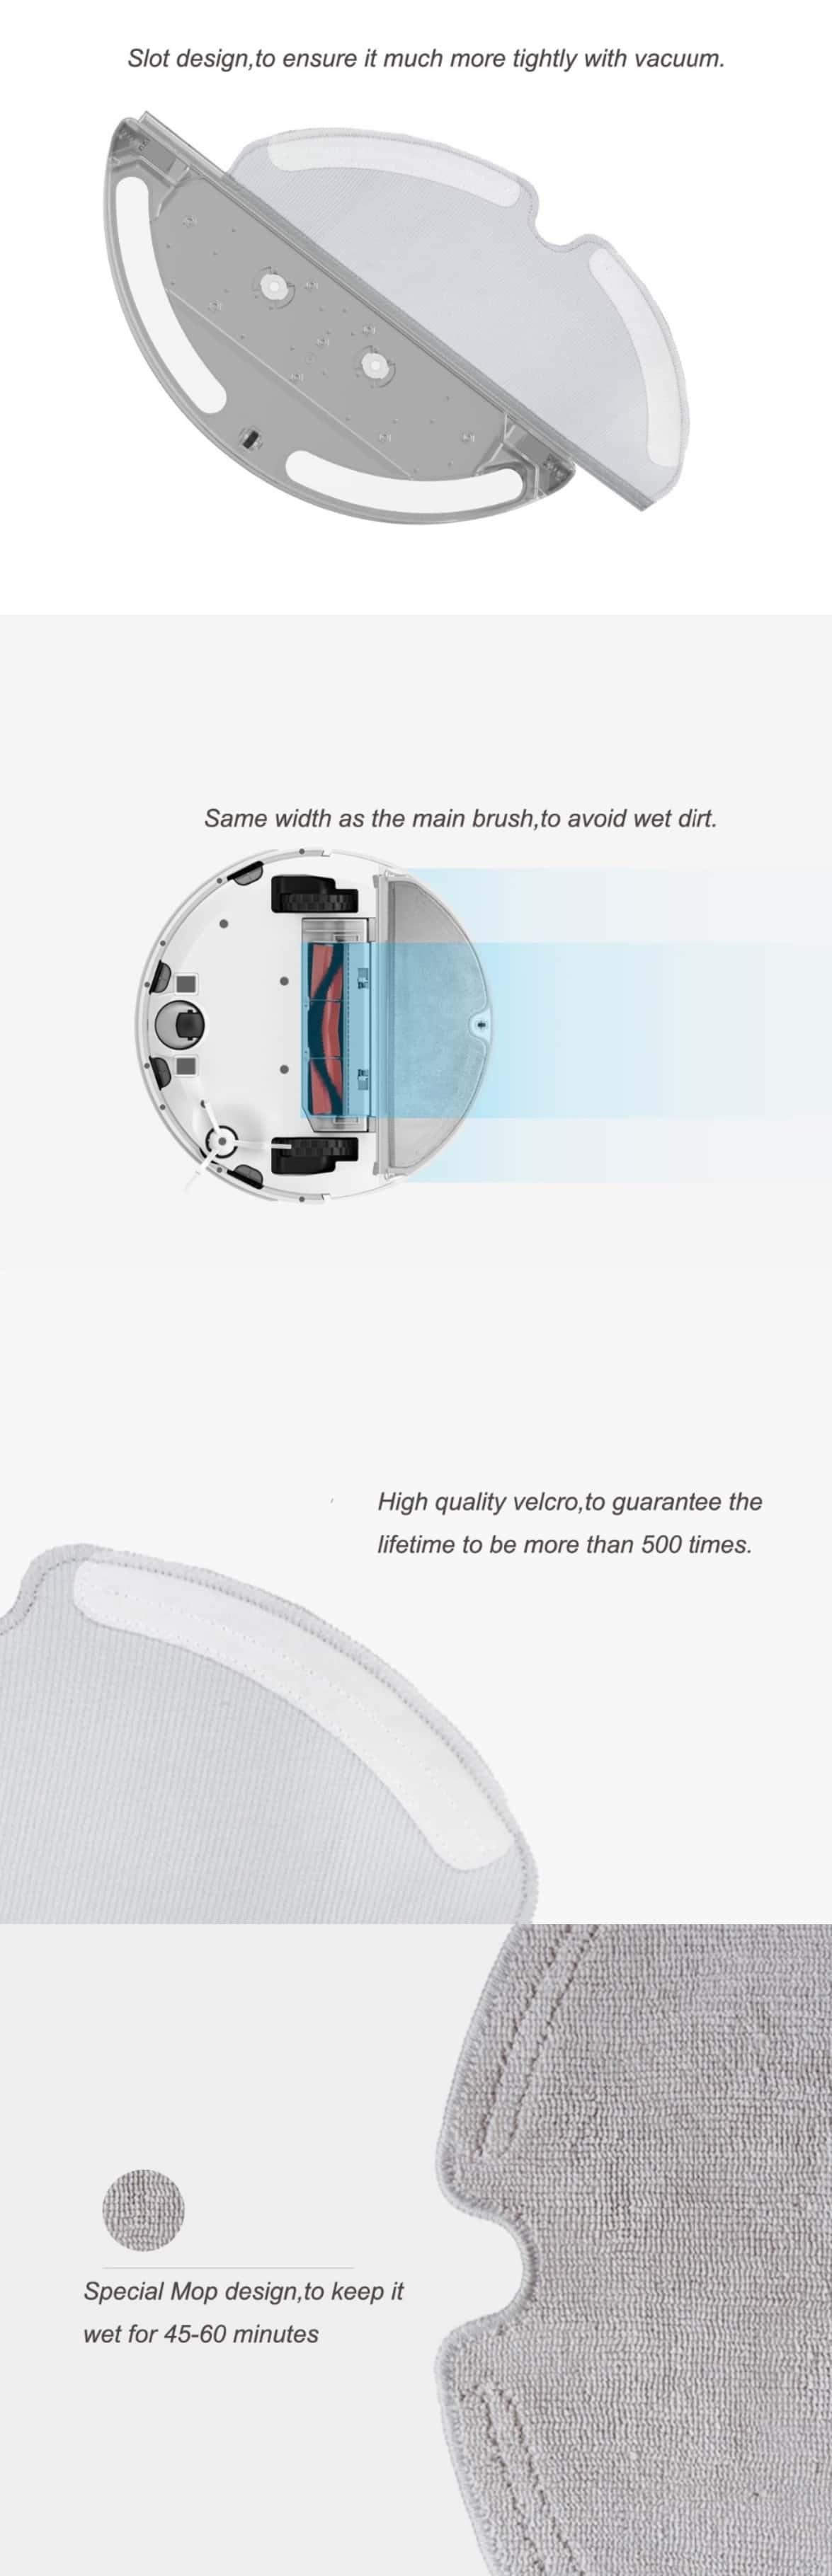 Prezentare-Laveta-mop-de-schimb-pentru-Xiaomi-Roborock-S6c854246541cfc3fc.jpg